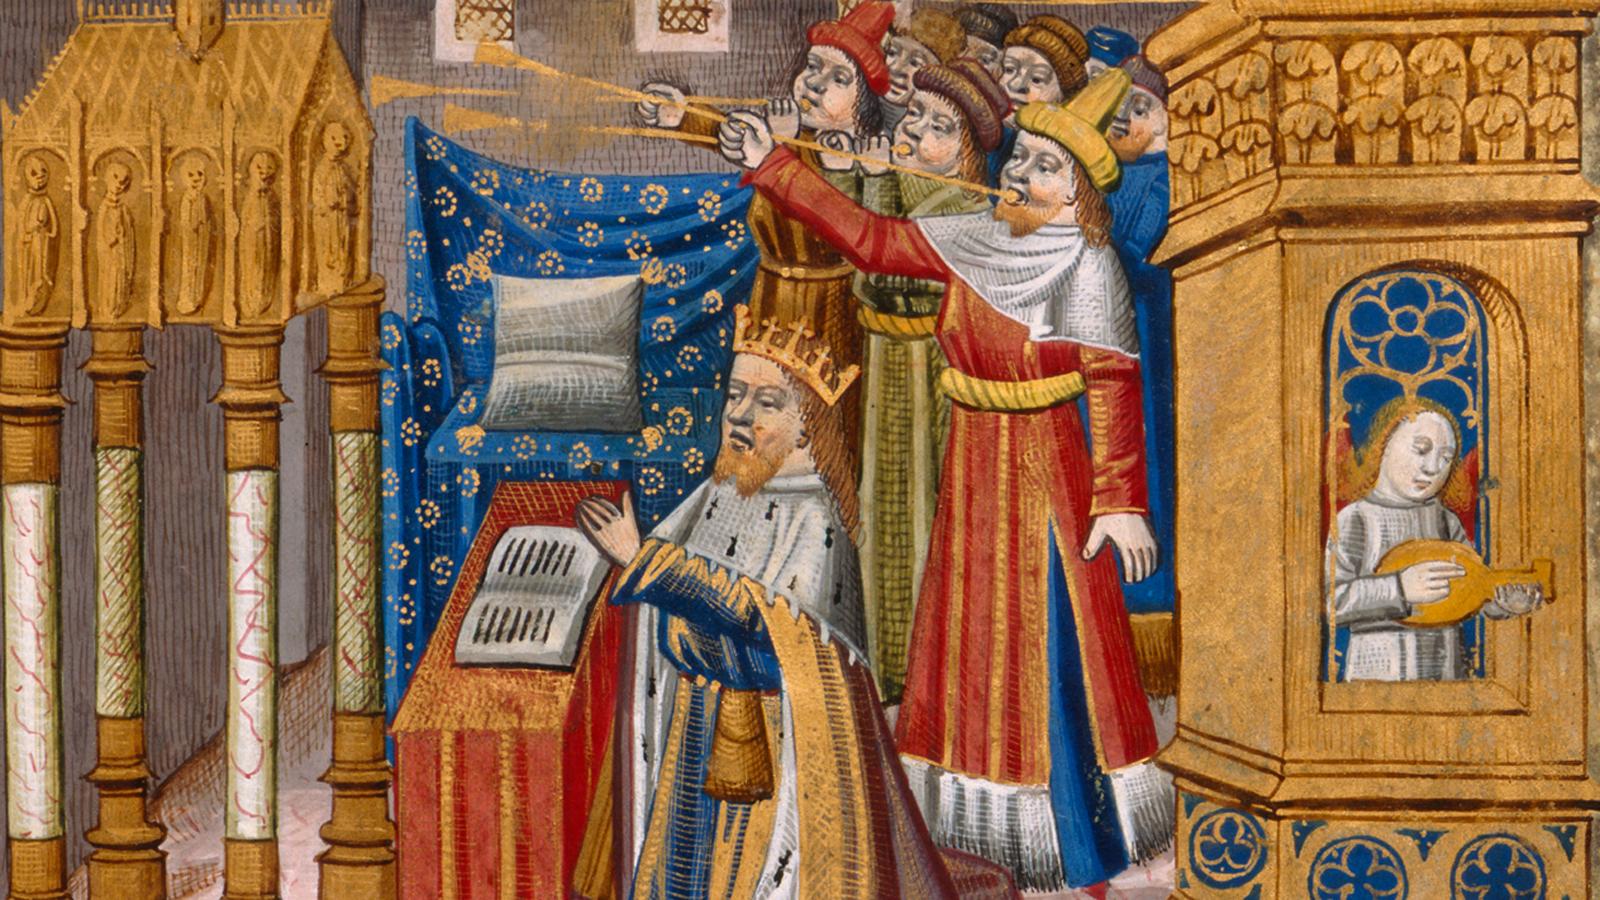 Literature, music and illuminated manuscripts